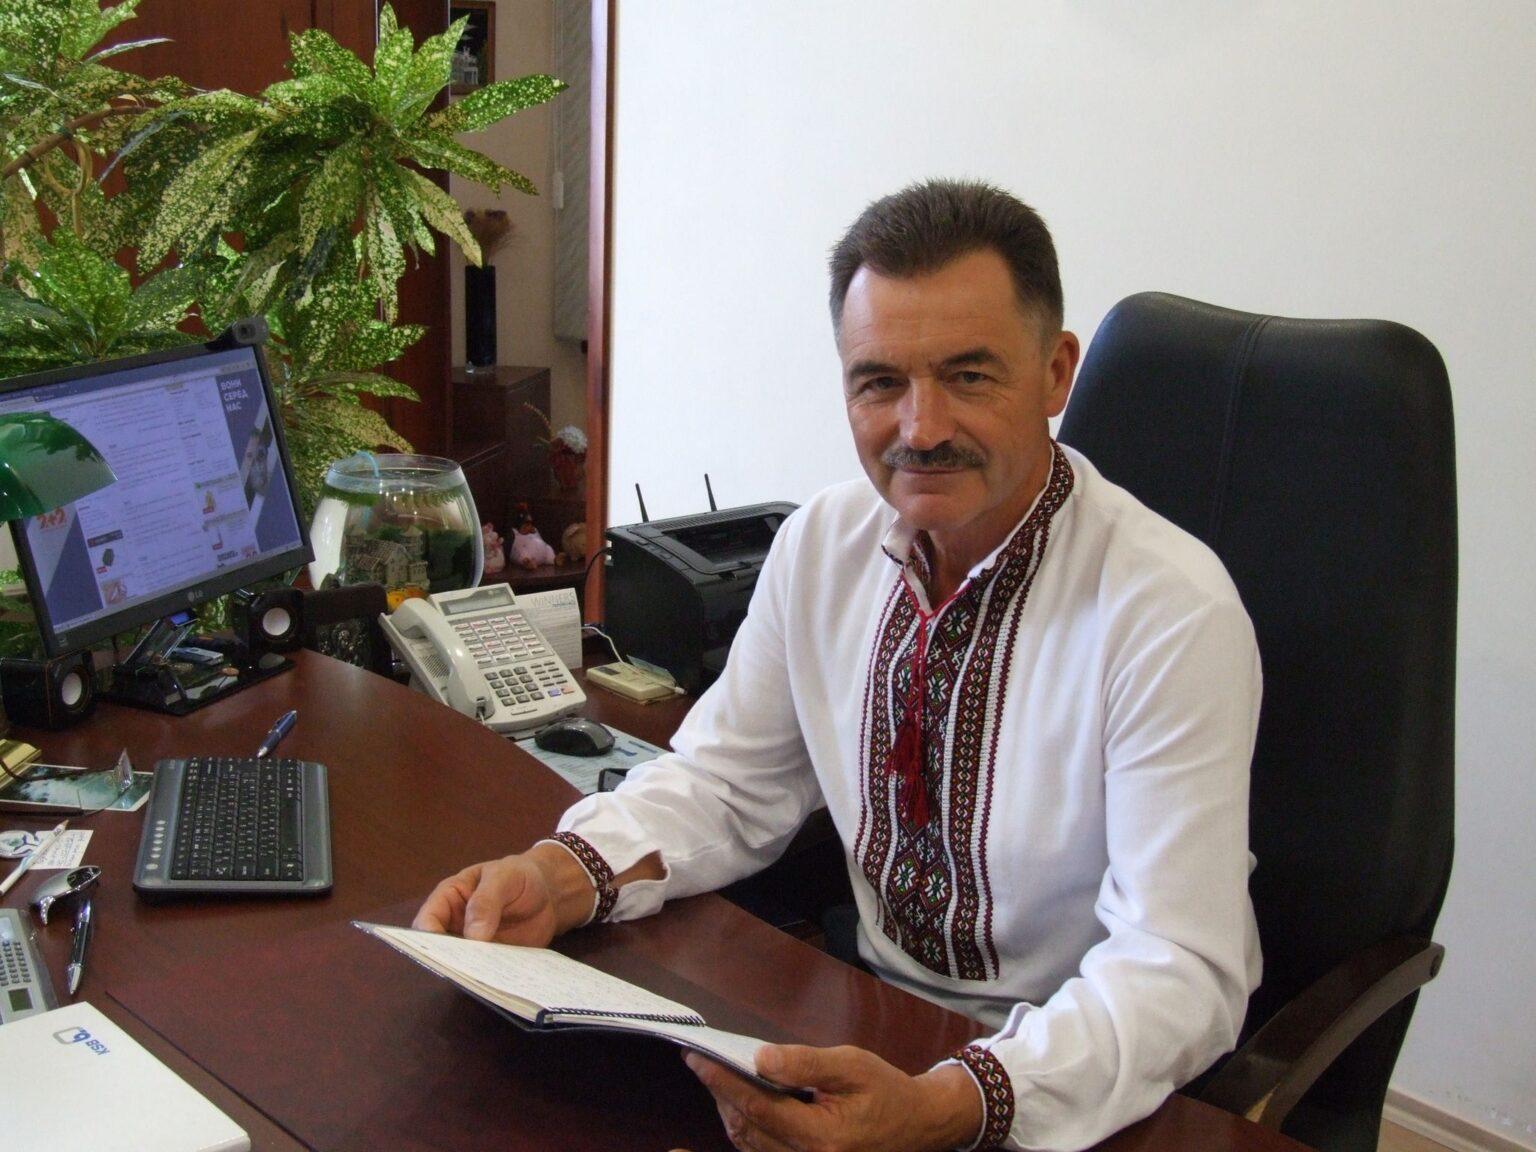 Асоціація водопідприємств України виступила на захист Сергія Овчаренка